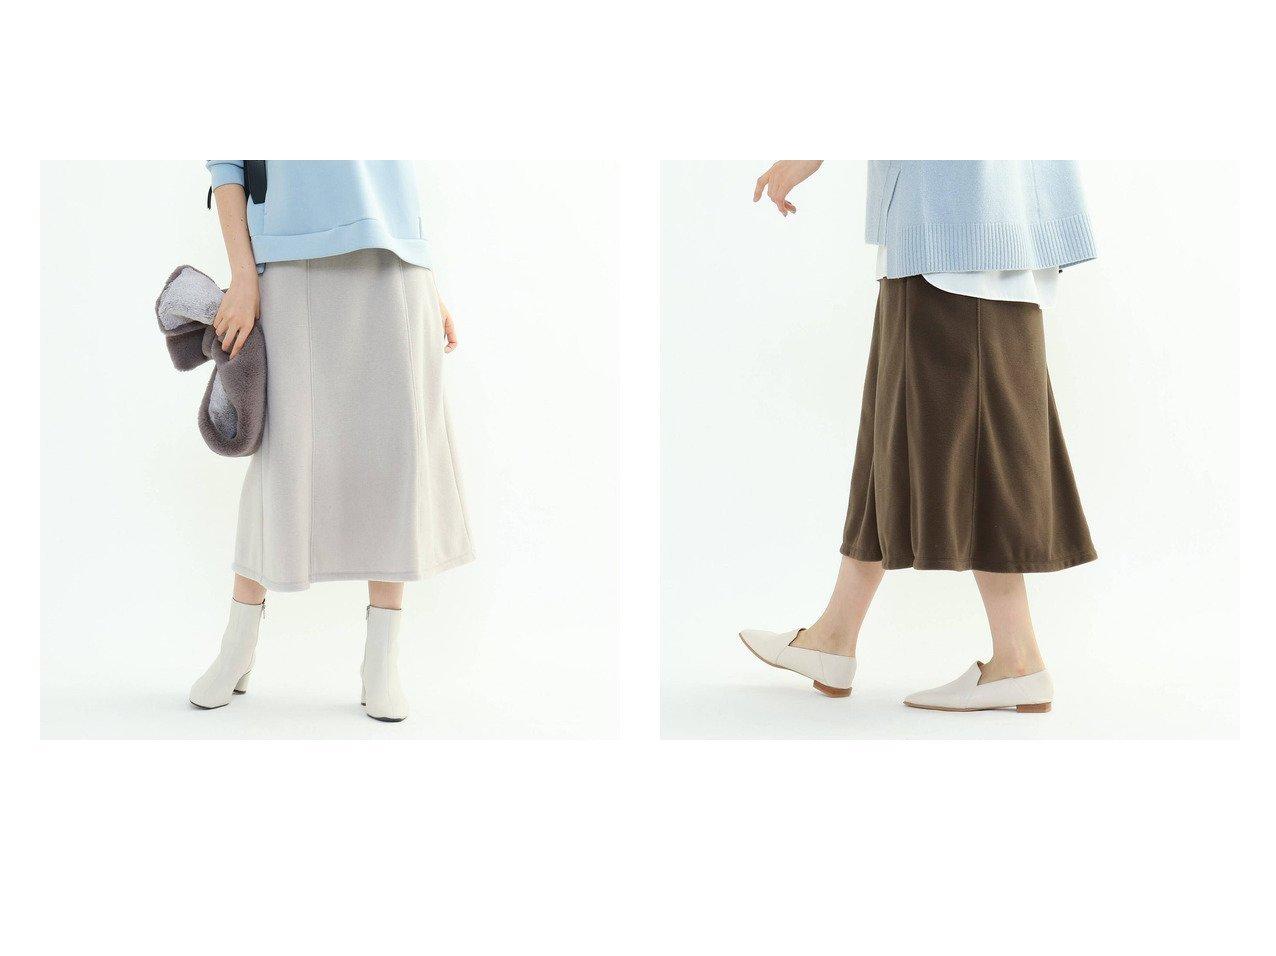 【INDIVI/インディヴィ】のトスカーナフリースジャージスカート スカートのおすすめ!人気、レディースファッションの通販 おすすめで人気のファッション通販商品 インテリア・家具・キッズファッション・メンズファッション・レディースファッション・服の通販 founy(ファニー) https://founy.com/ ファッション Fashion レディース WOMEN スカート Skirt イタリア シンプル ジャージ トレンド ポケット マーメイド  ID:crp329100000002708